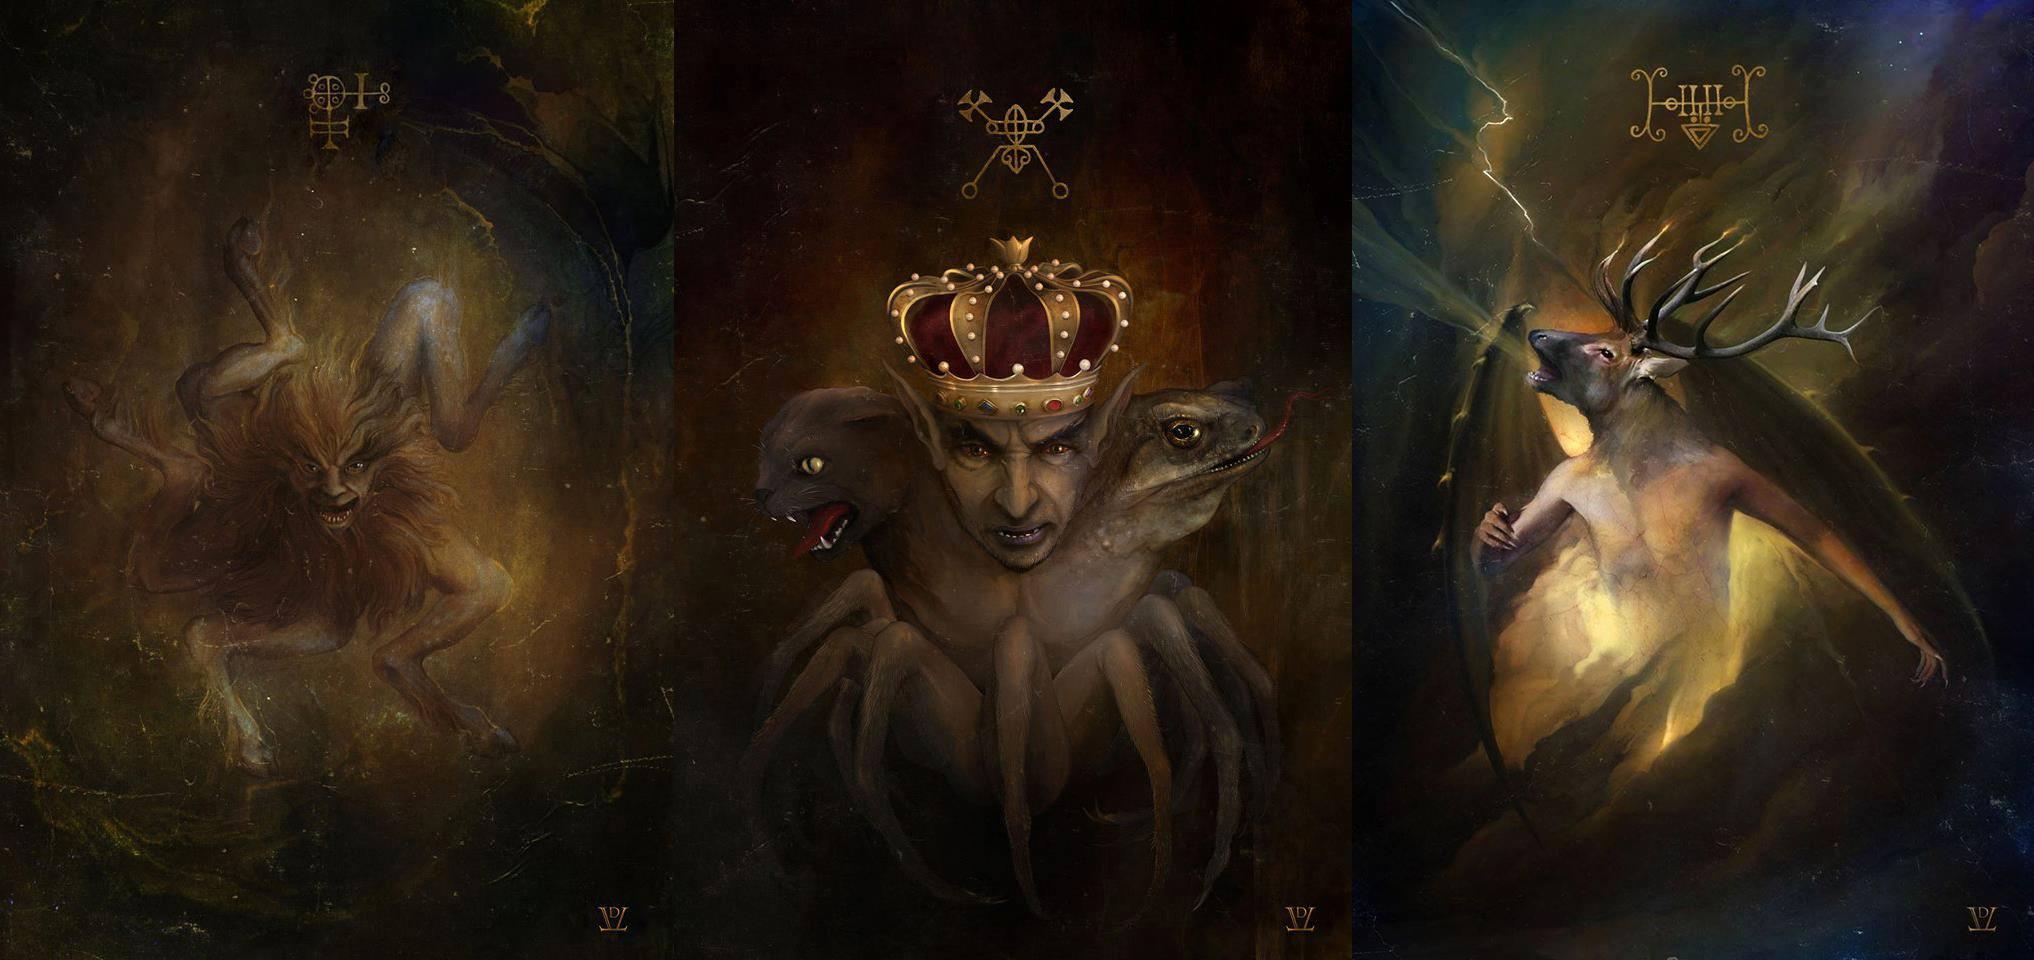 Изображения демонов Гоэтии и мифологических существ в работах Даниэля Валериани